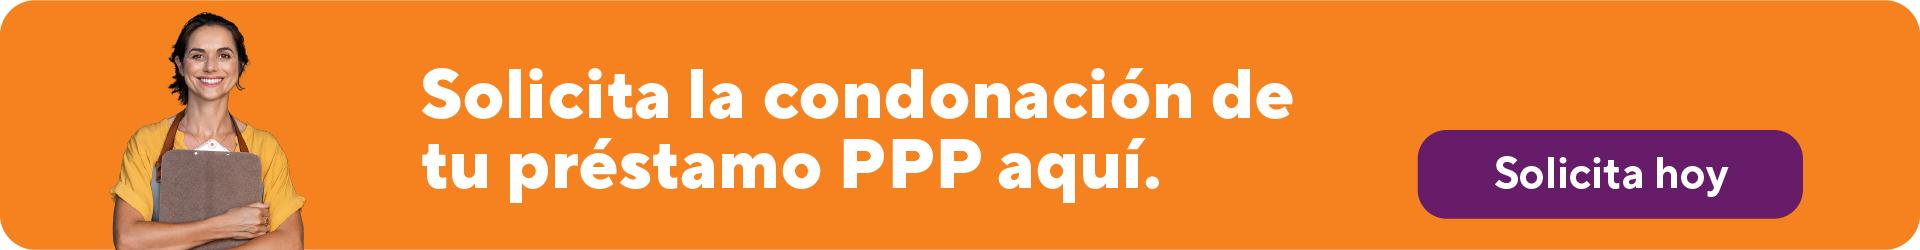 Solicita la condonación de tu préstamo PPP aquí.